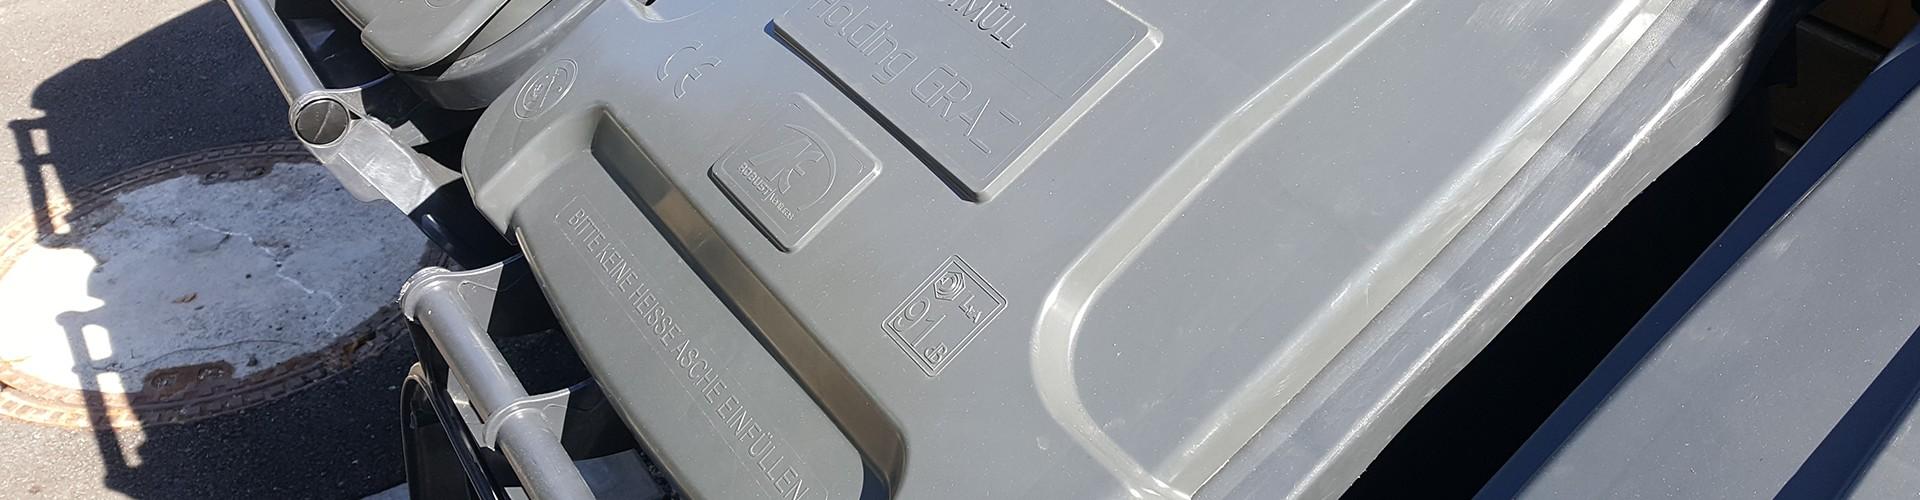 Beschriftung (Braille und erhabene Schrift) auf einer Mülltonne der Holding Graz